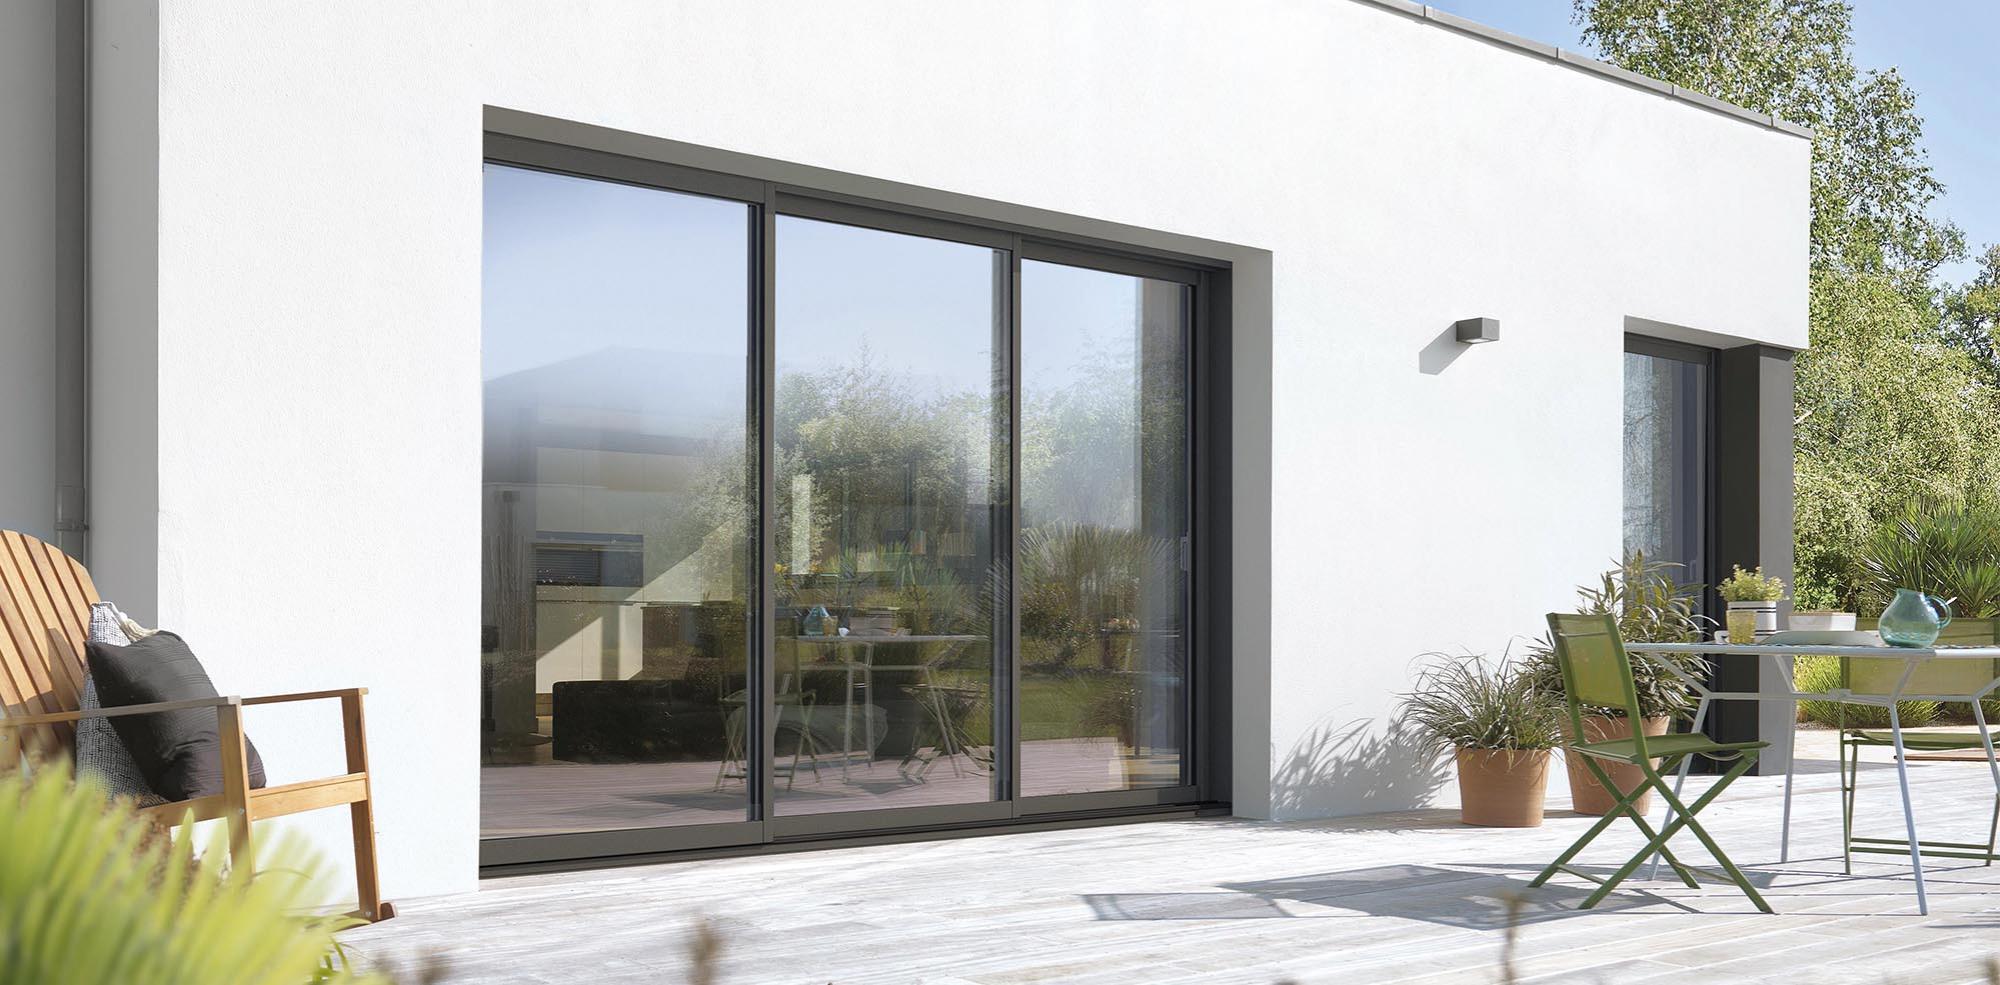 Couleur Façade Maison Ancienne des fenêtres contemporaines, anciennes ou traditionnelles